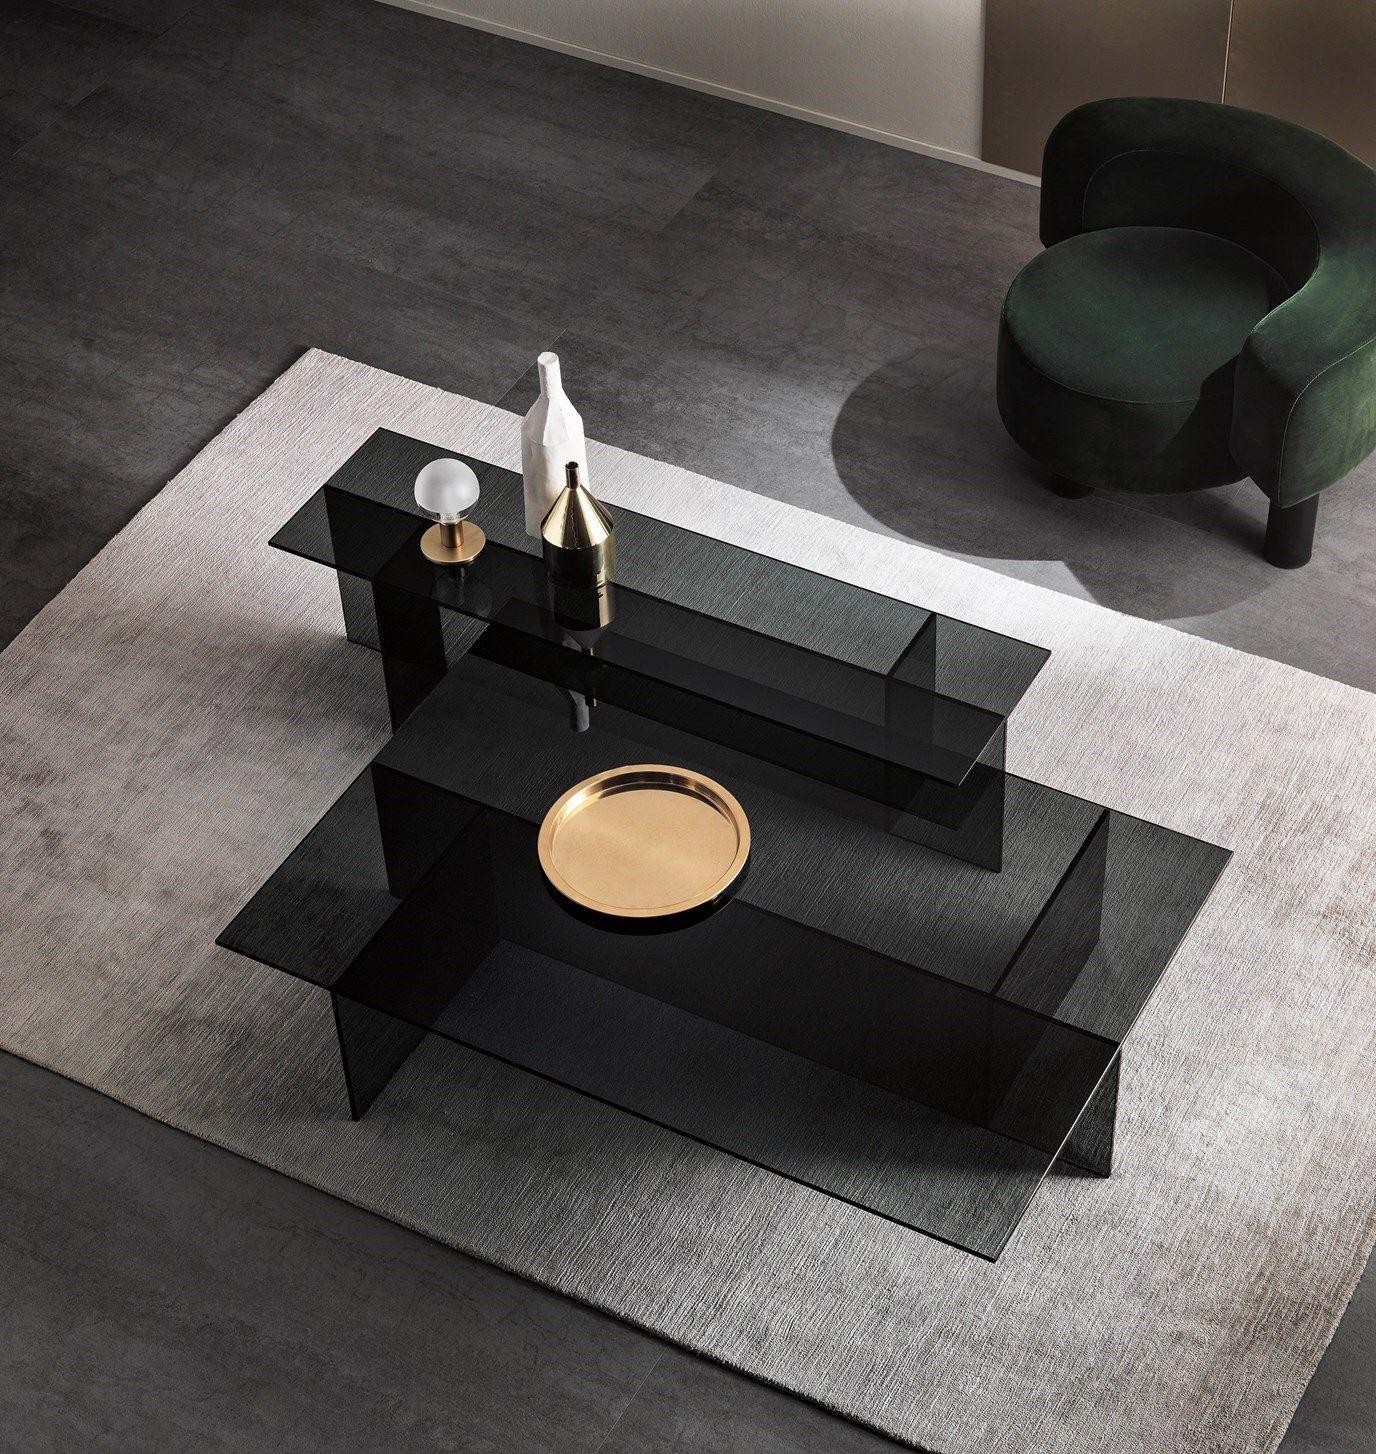 Pin On Coffee Table [ 1454 x 1376 Pixel ]